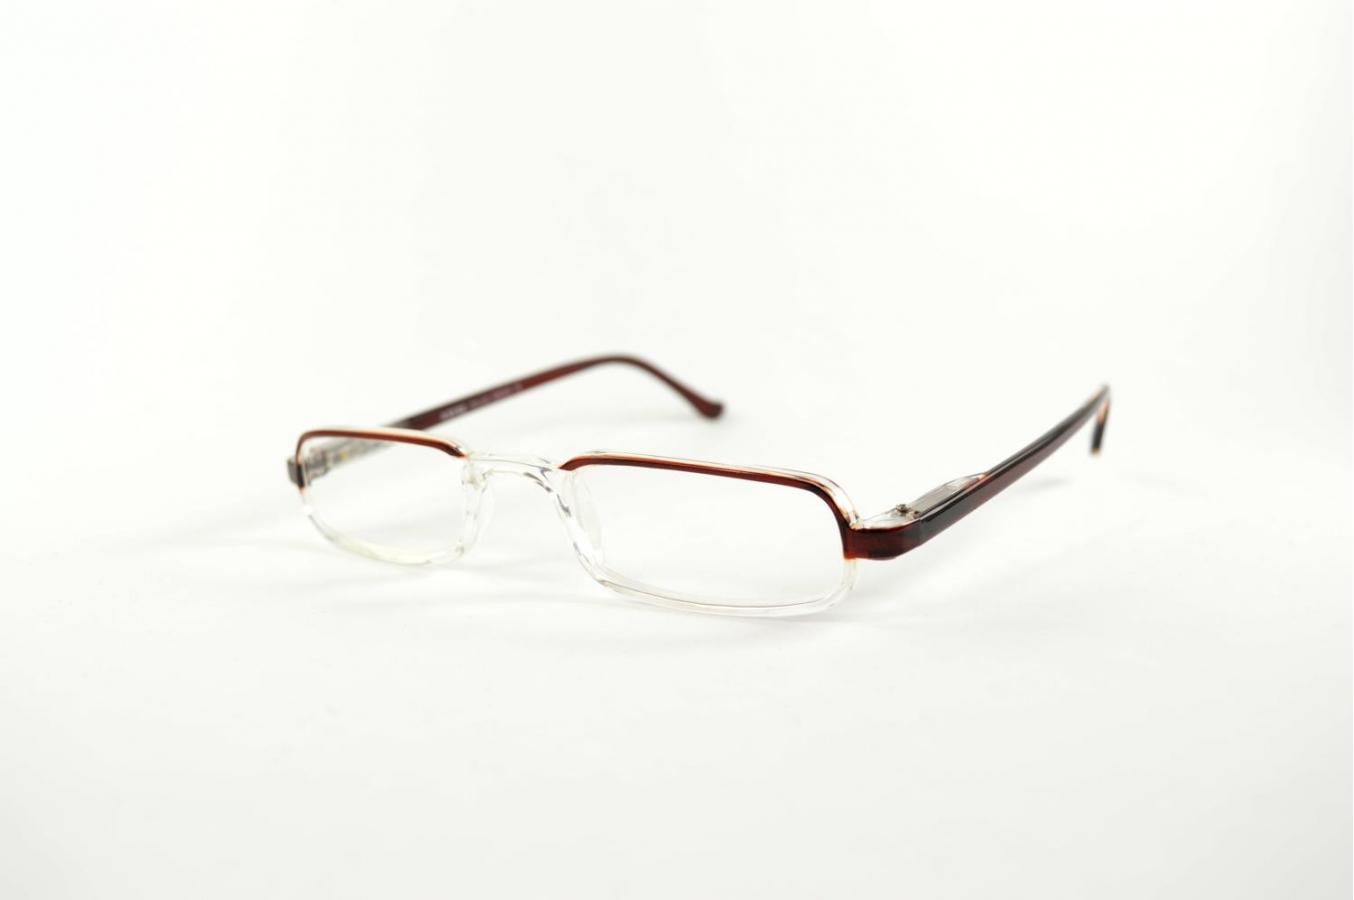 eb79bc5f6c Lot de 10 paires de lunettes de lecture +3.50 - K-EYES